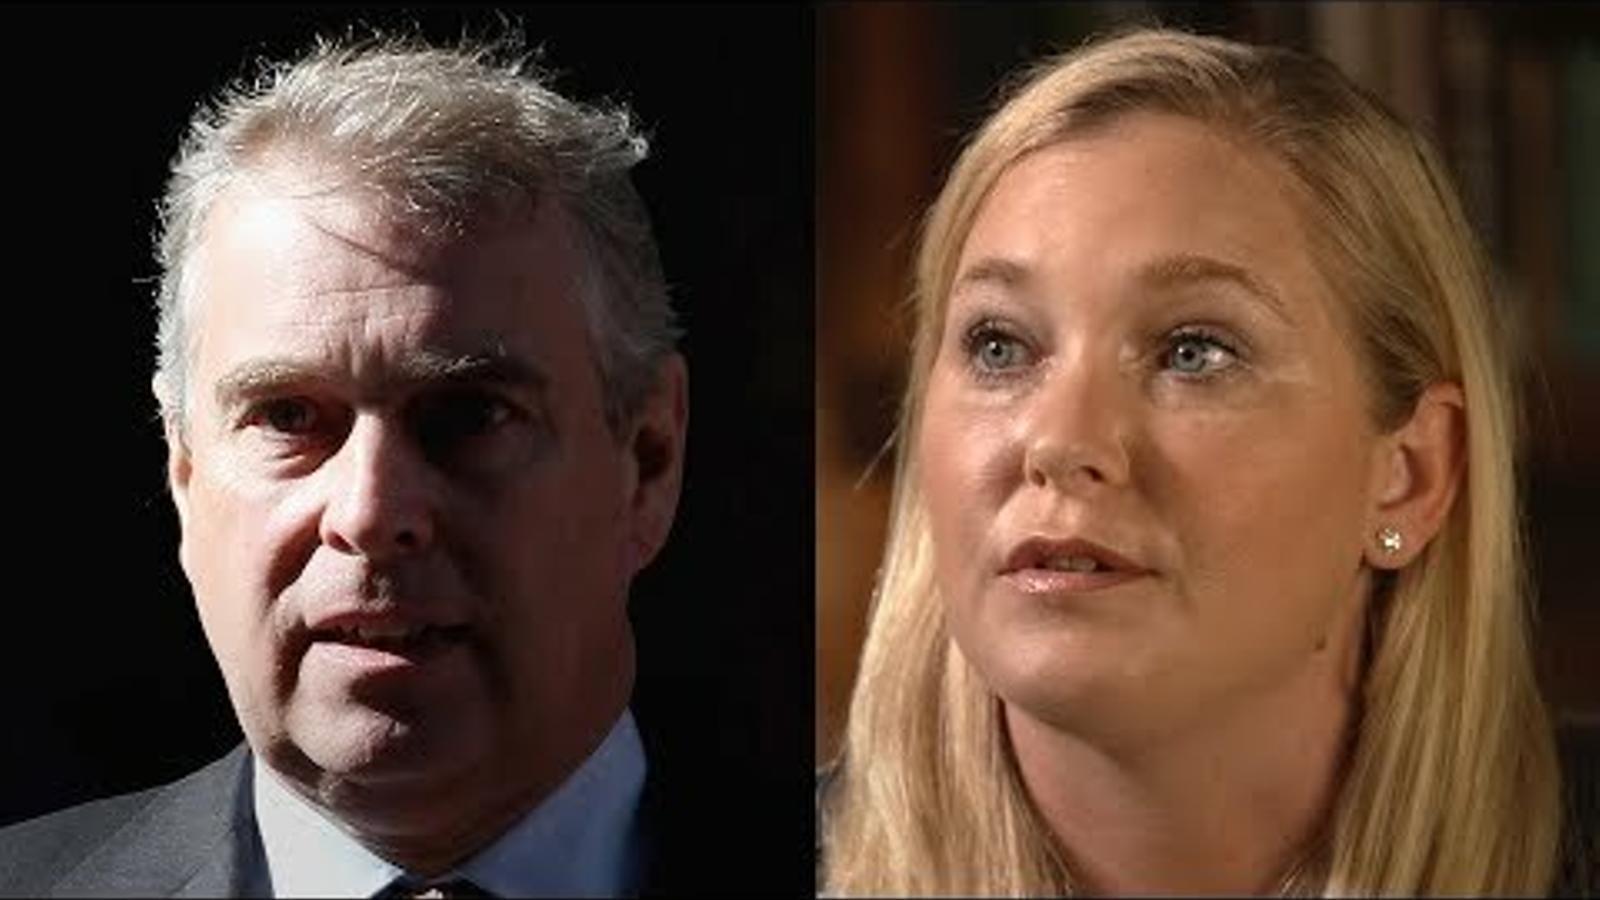 Acusacions i negacions de Virginia Guiffre i el príncep Andreu